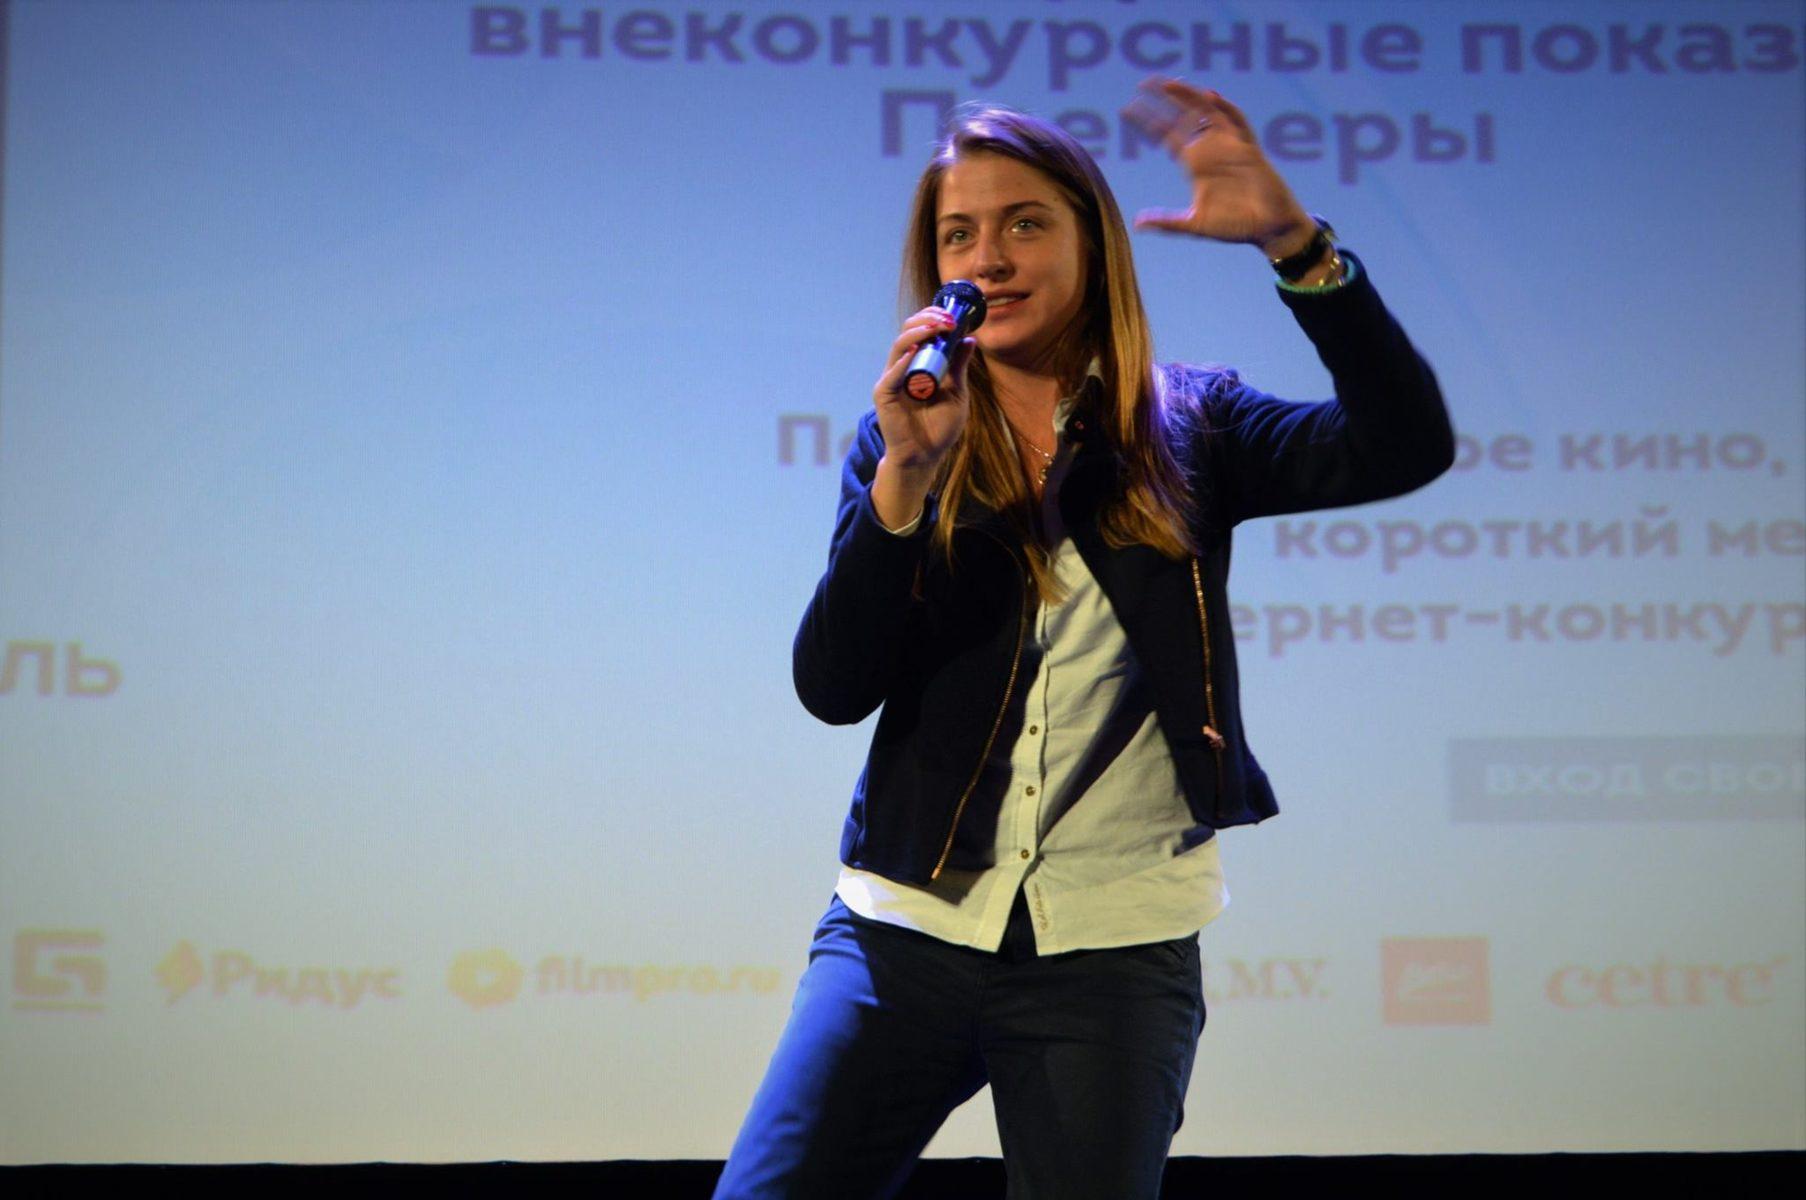 VIII Московский кинофестиваль «Будем жить» – события на сайте «Московские Сезоны»